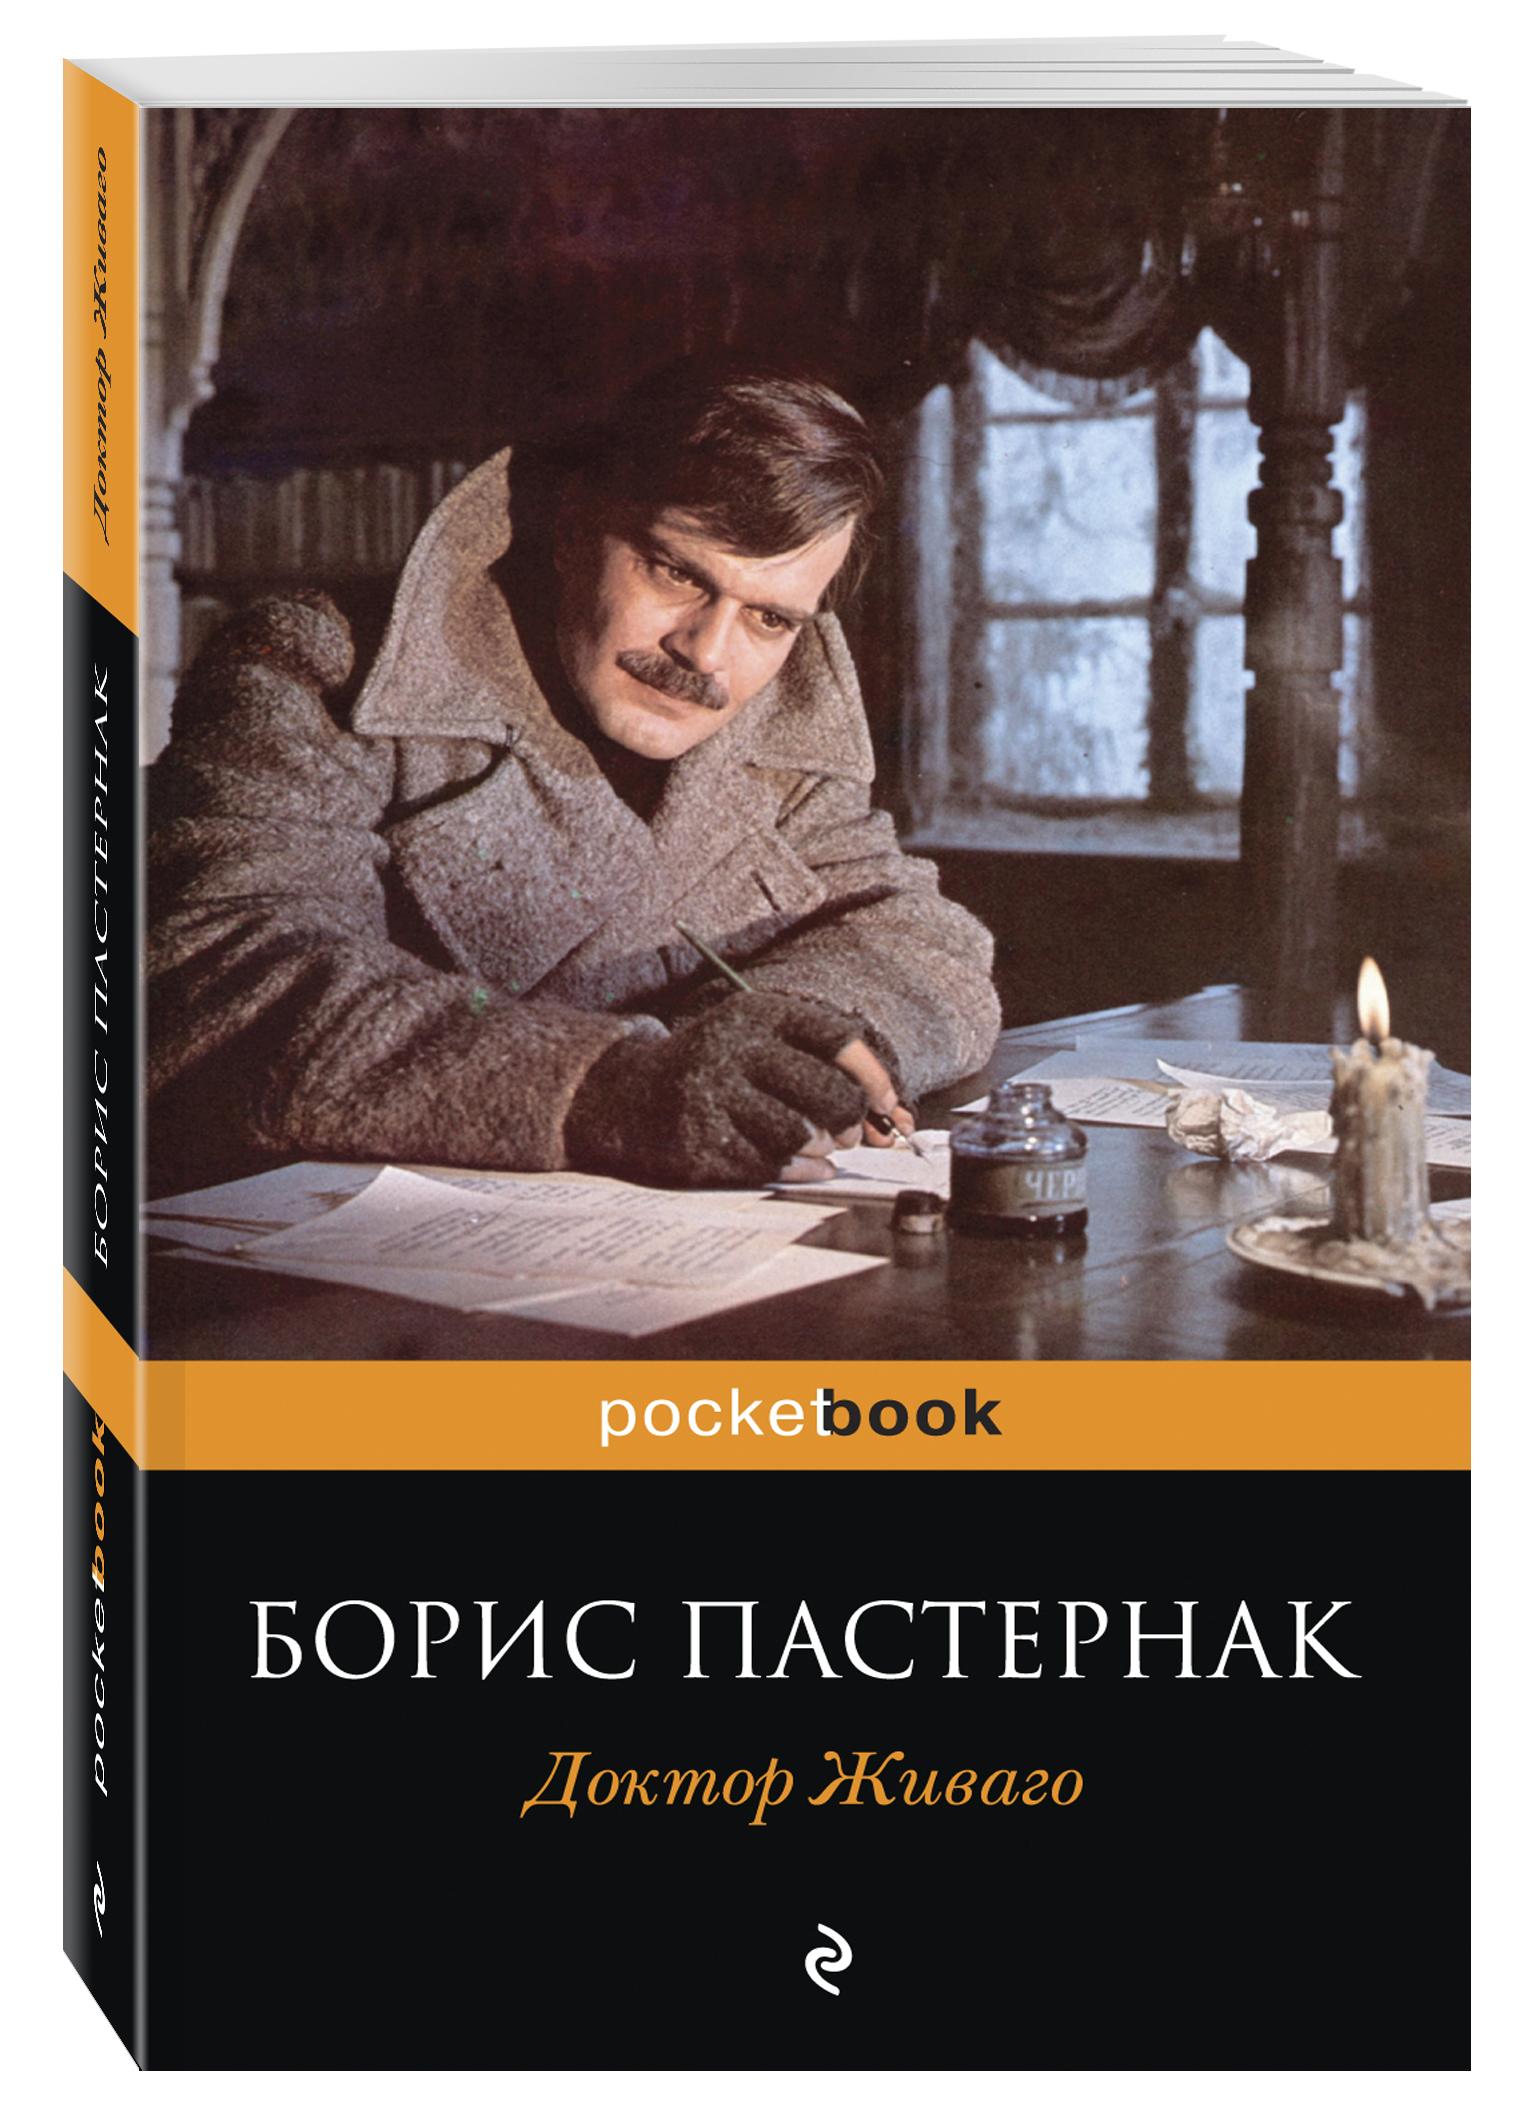 Борис Пастернак Доктор Живаго борис пастернак борис пастернак избранное в двух томах том 2 доктор живаго